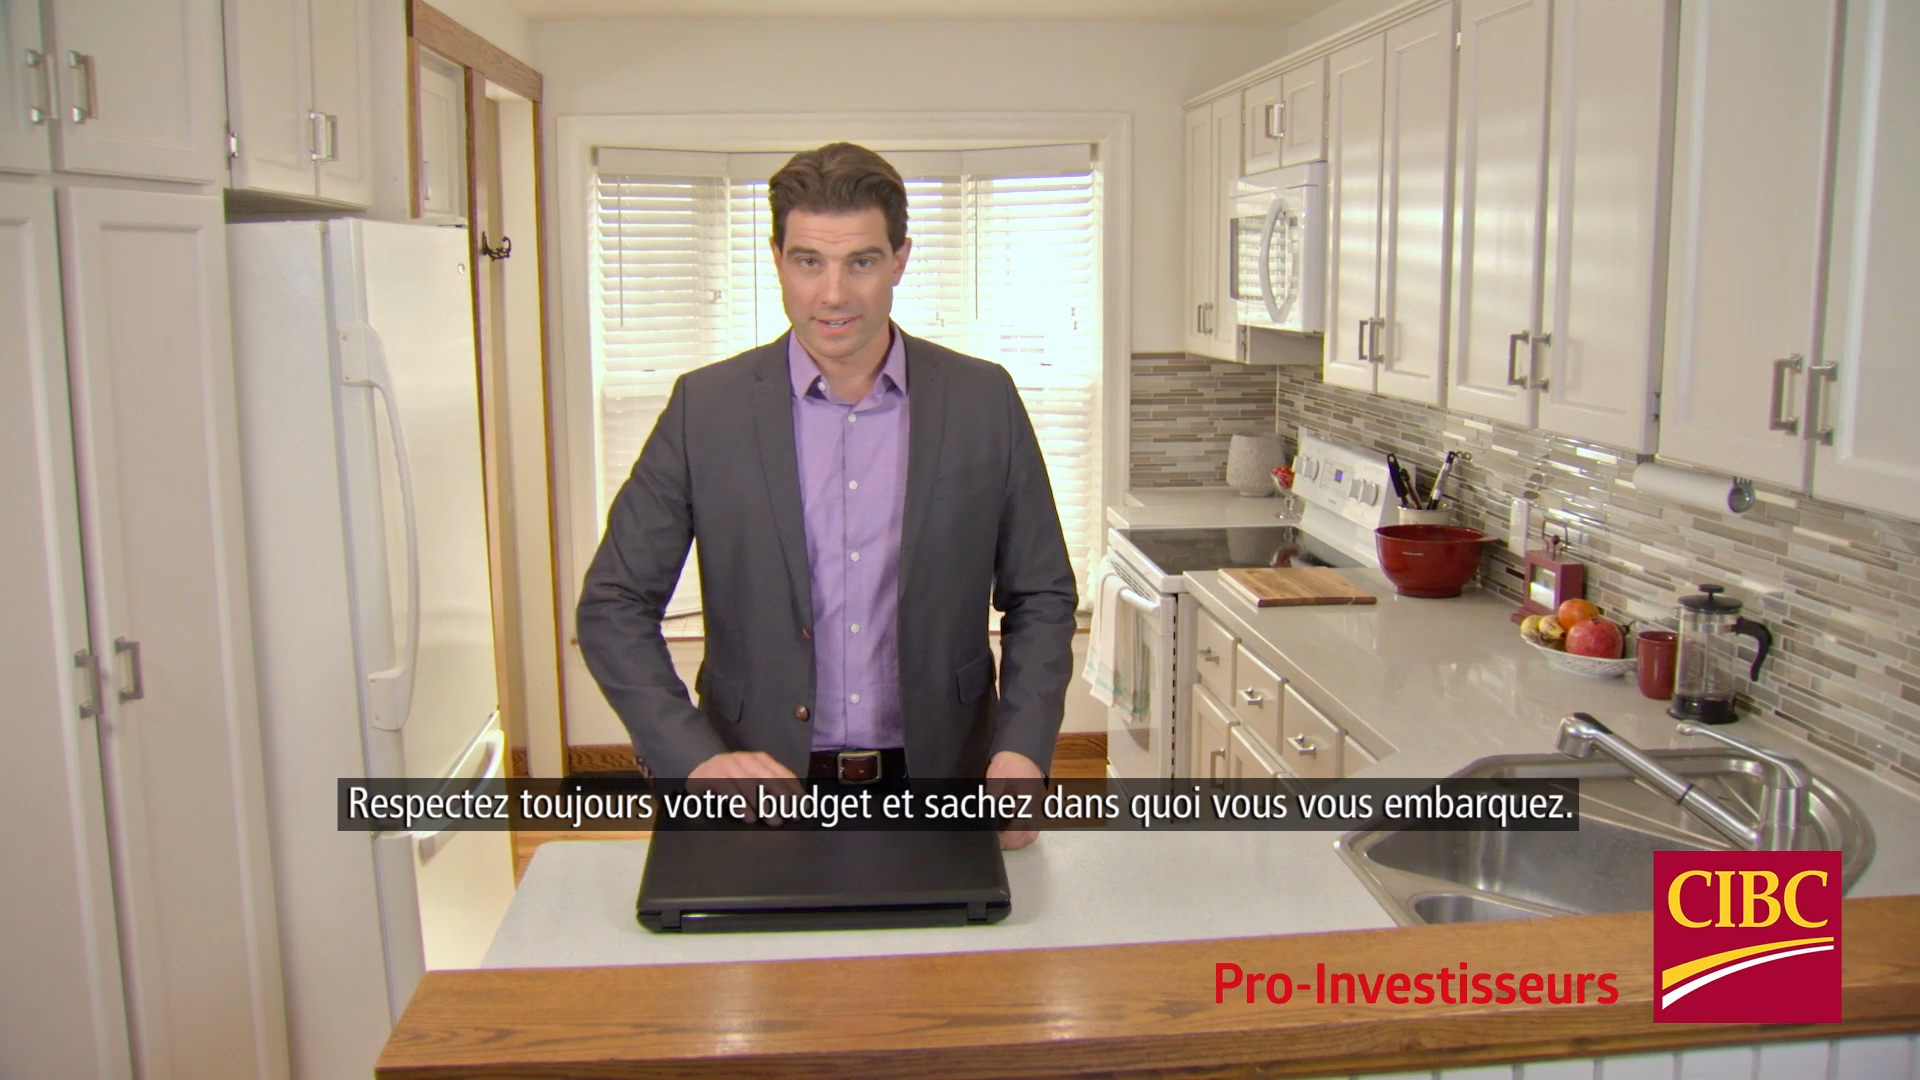 20931_FR_CIBC_Investors Edge_Episode 4 - Value_FINAL_Video ID-21095